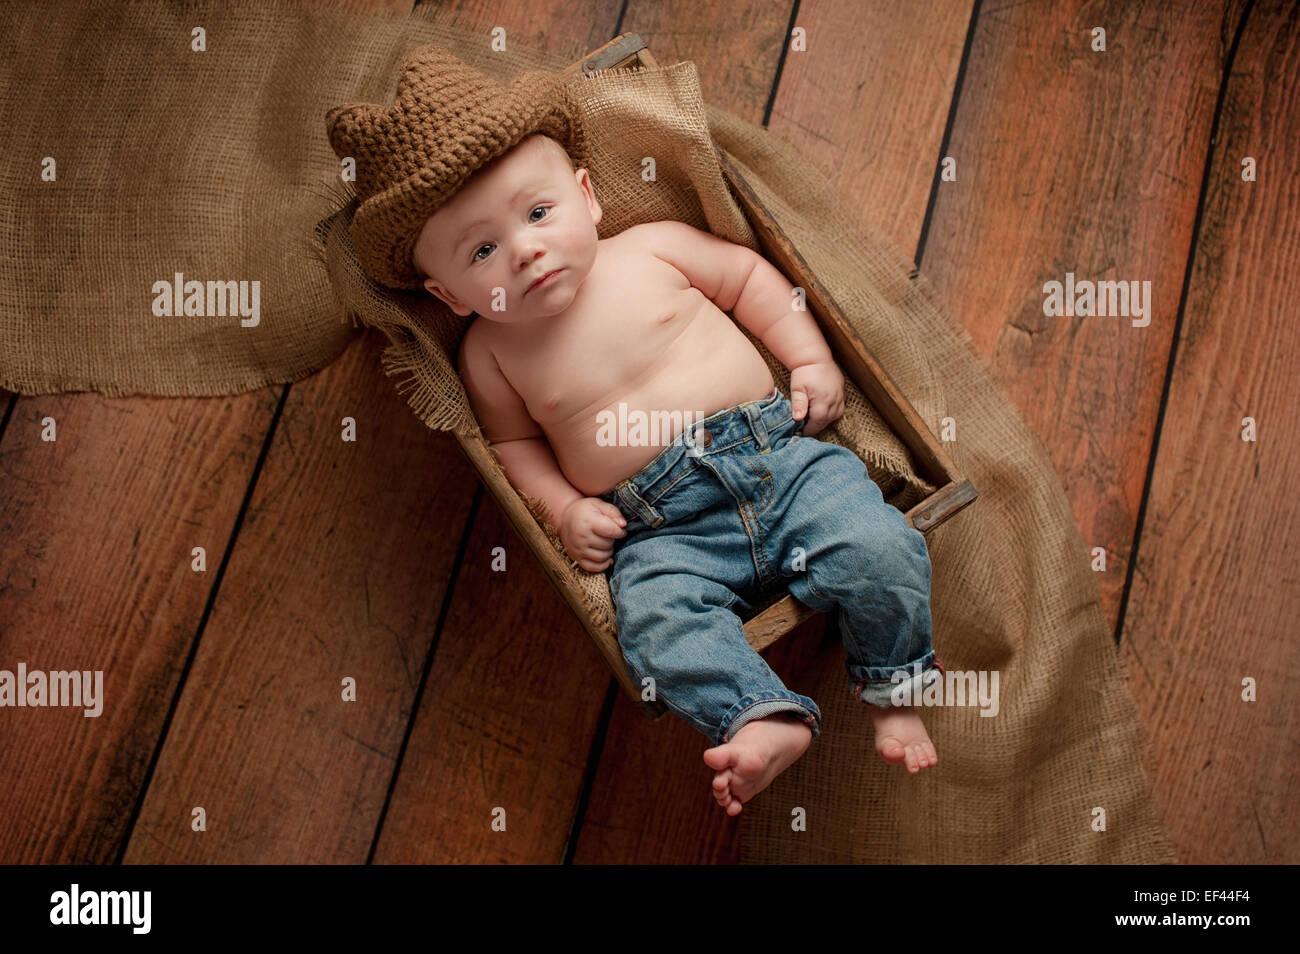 725a412d230f9 Un bebé de meses niño usando un sombrero de vaquero de ganchillo niño bebes  jpg 1300x954